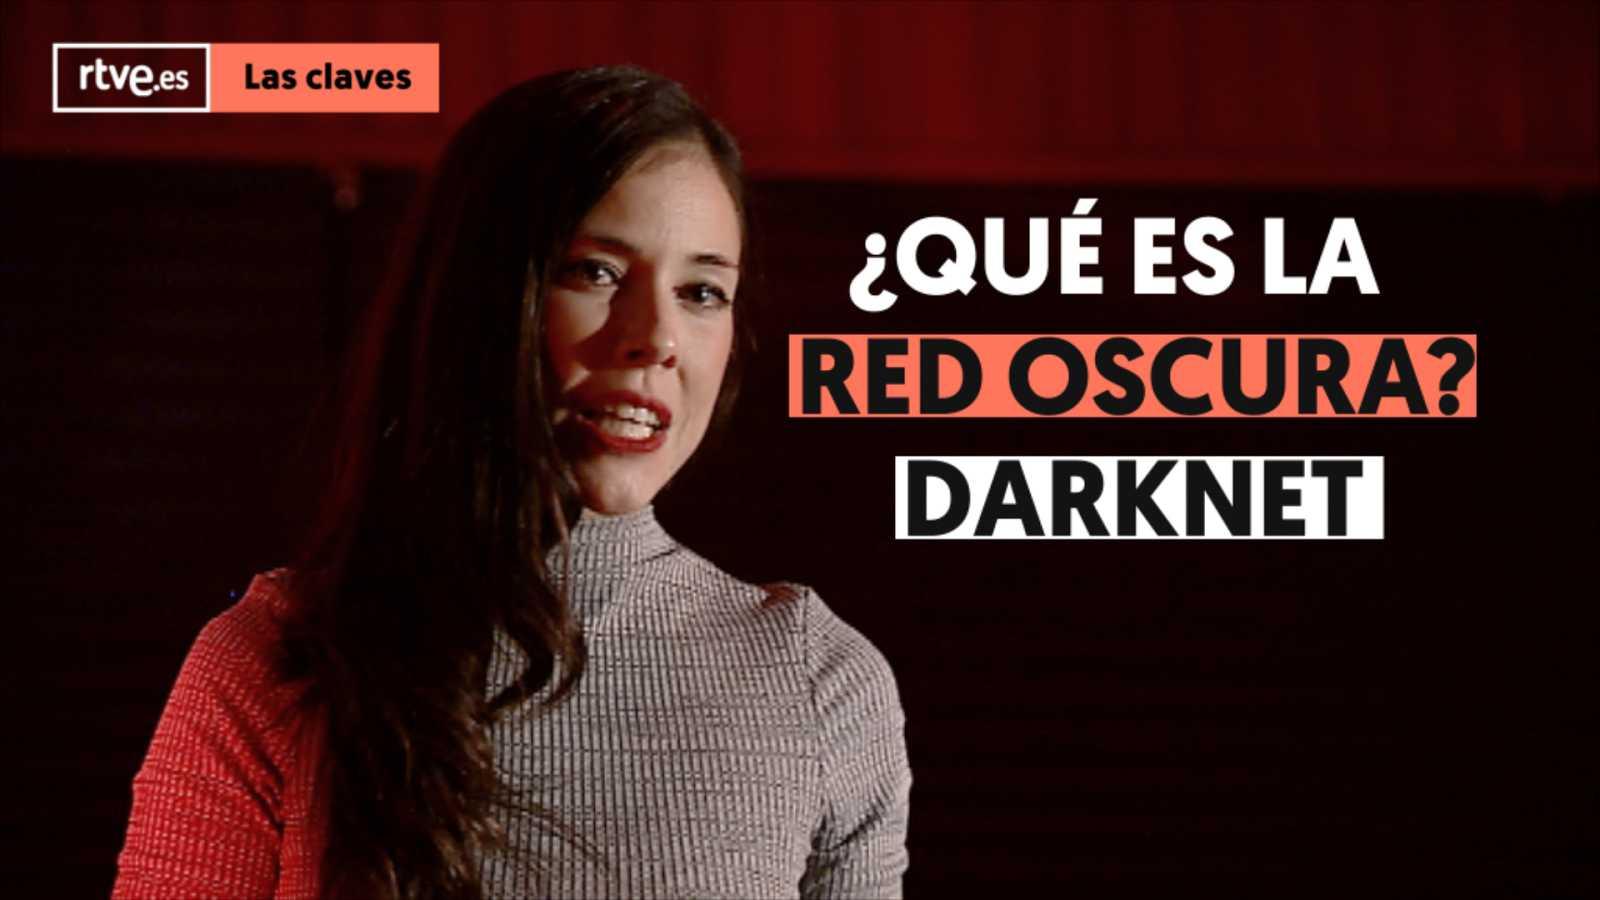 ¿Qué es la Red Oscura?: claves de la 'Darknet'